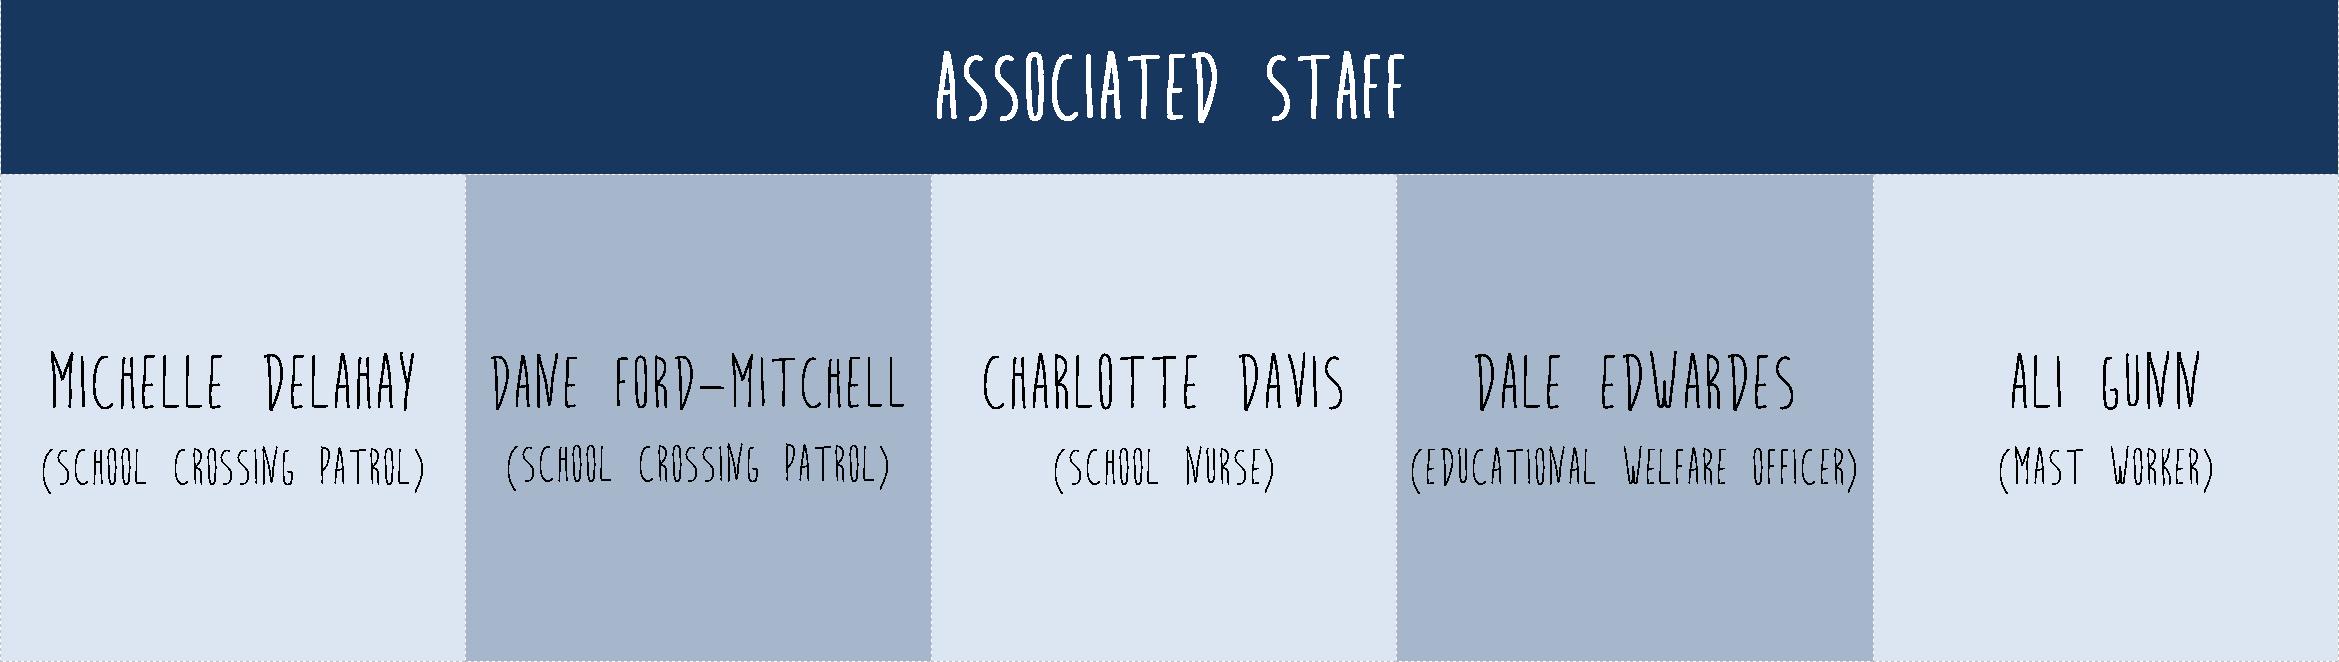 associated-staff